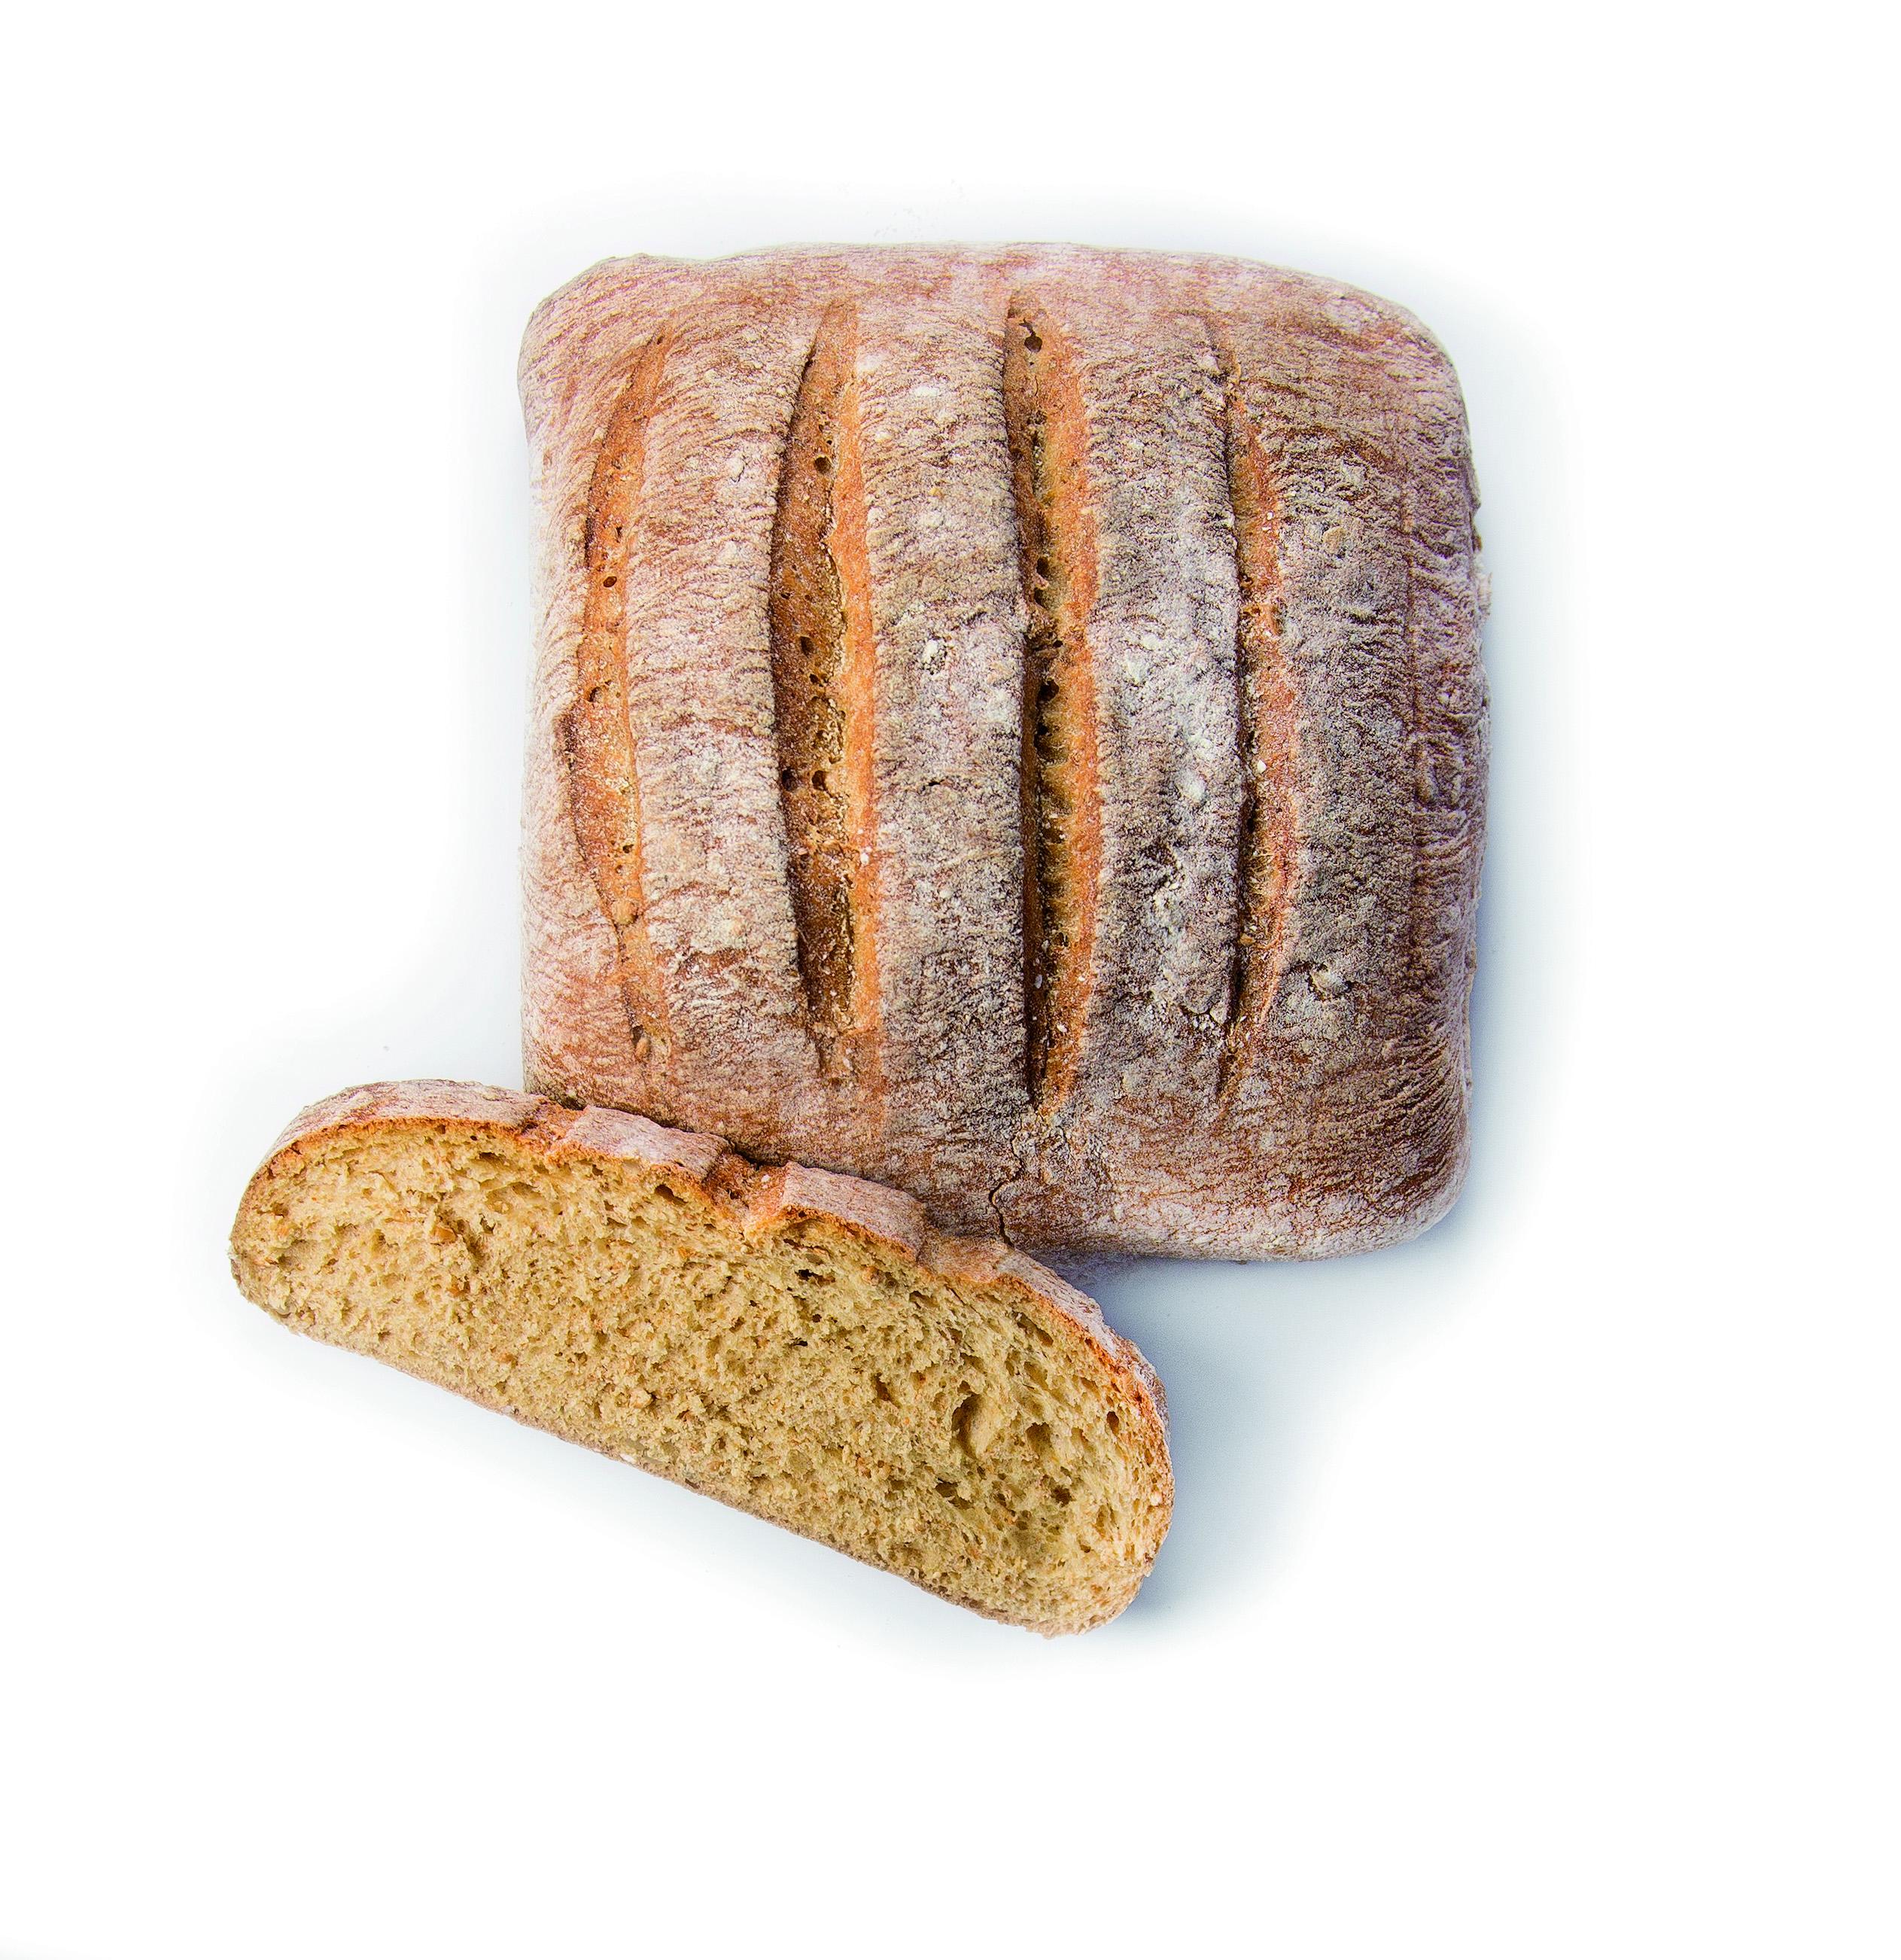 Pan de Espelta 550g